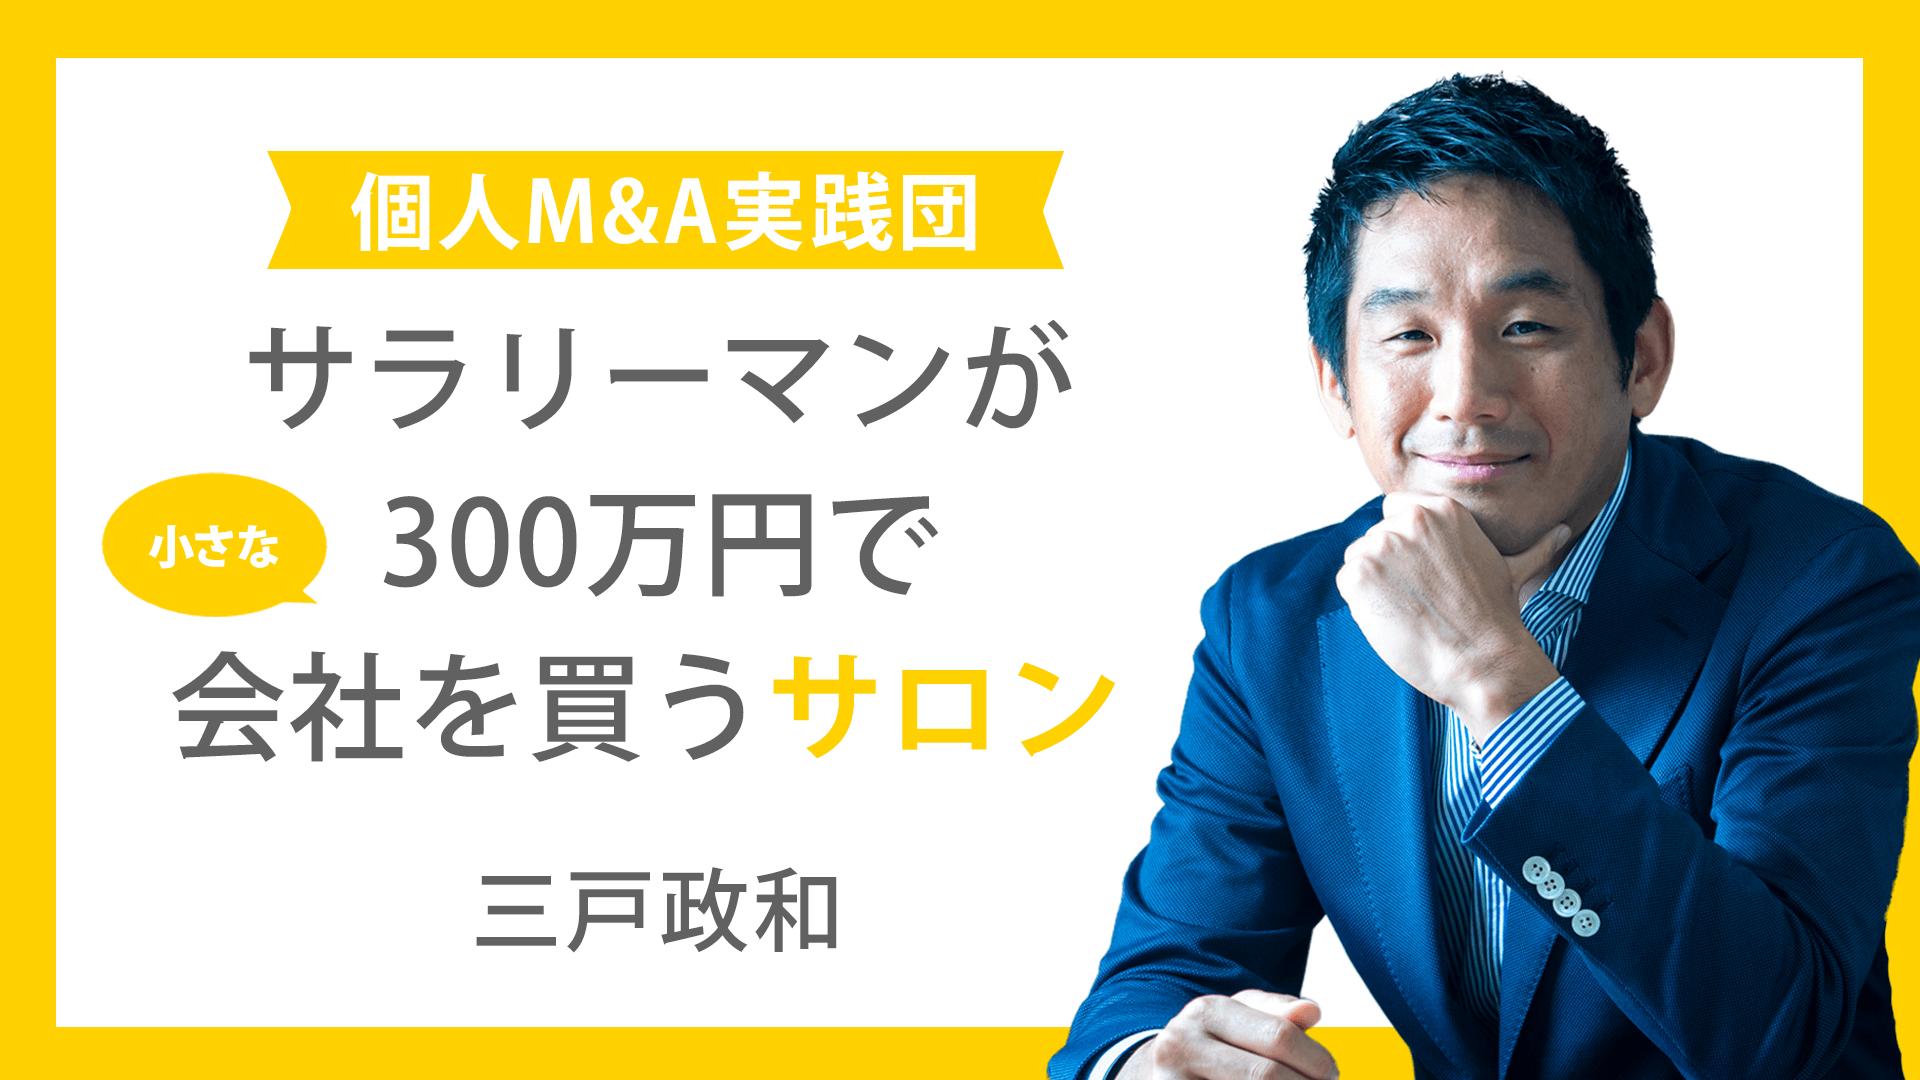 サラリーマンが300万円で小さな会社を買うサロン